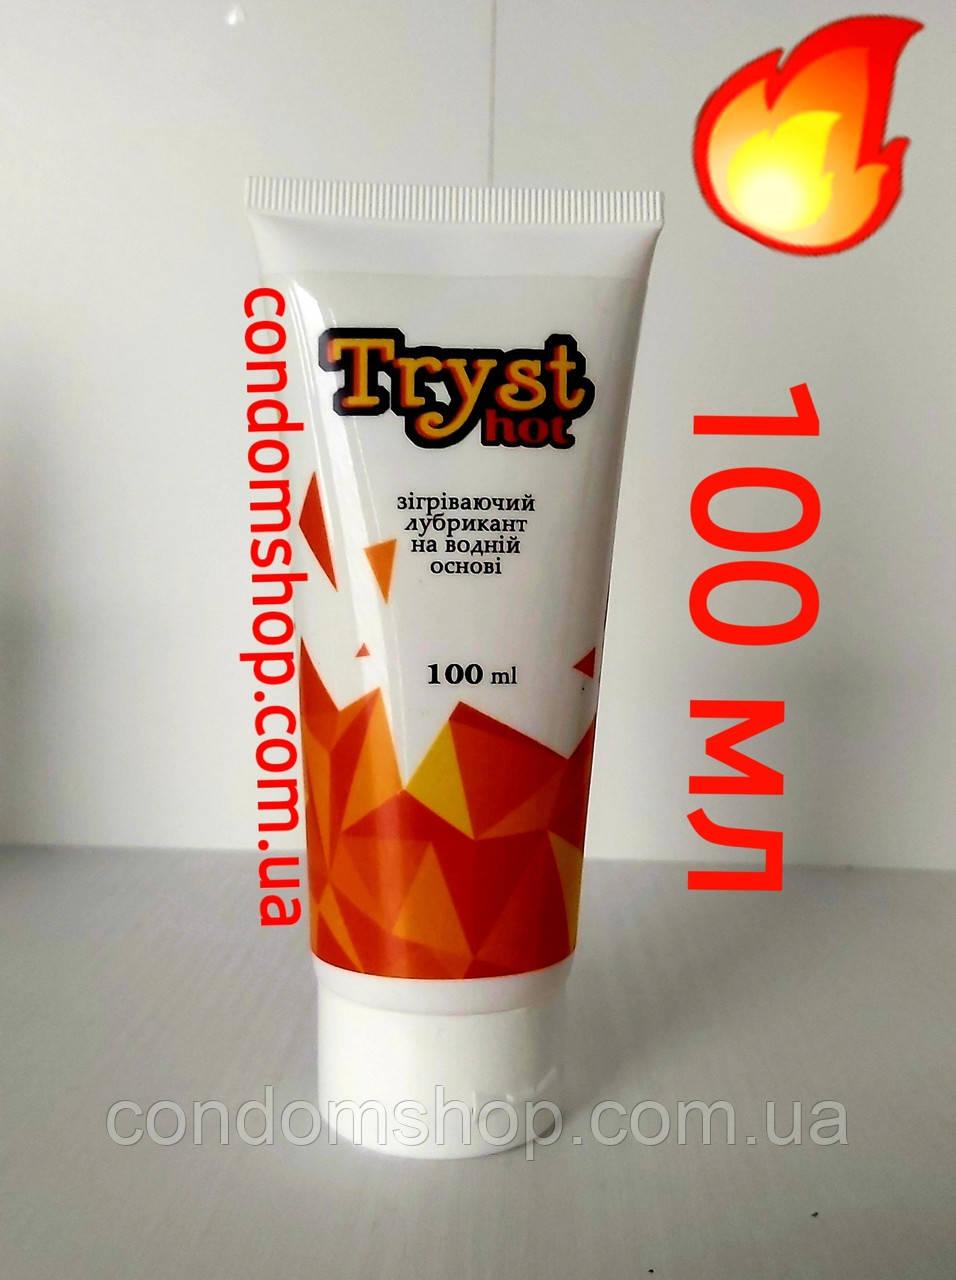 Гель-змазка Tryst hot 100 мл Збудлива зігріває .Україна